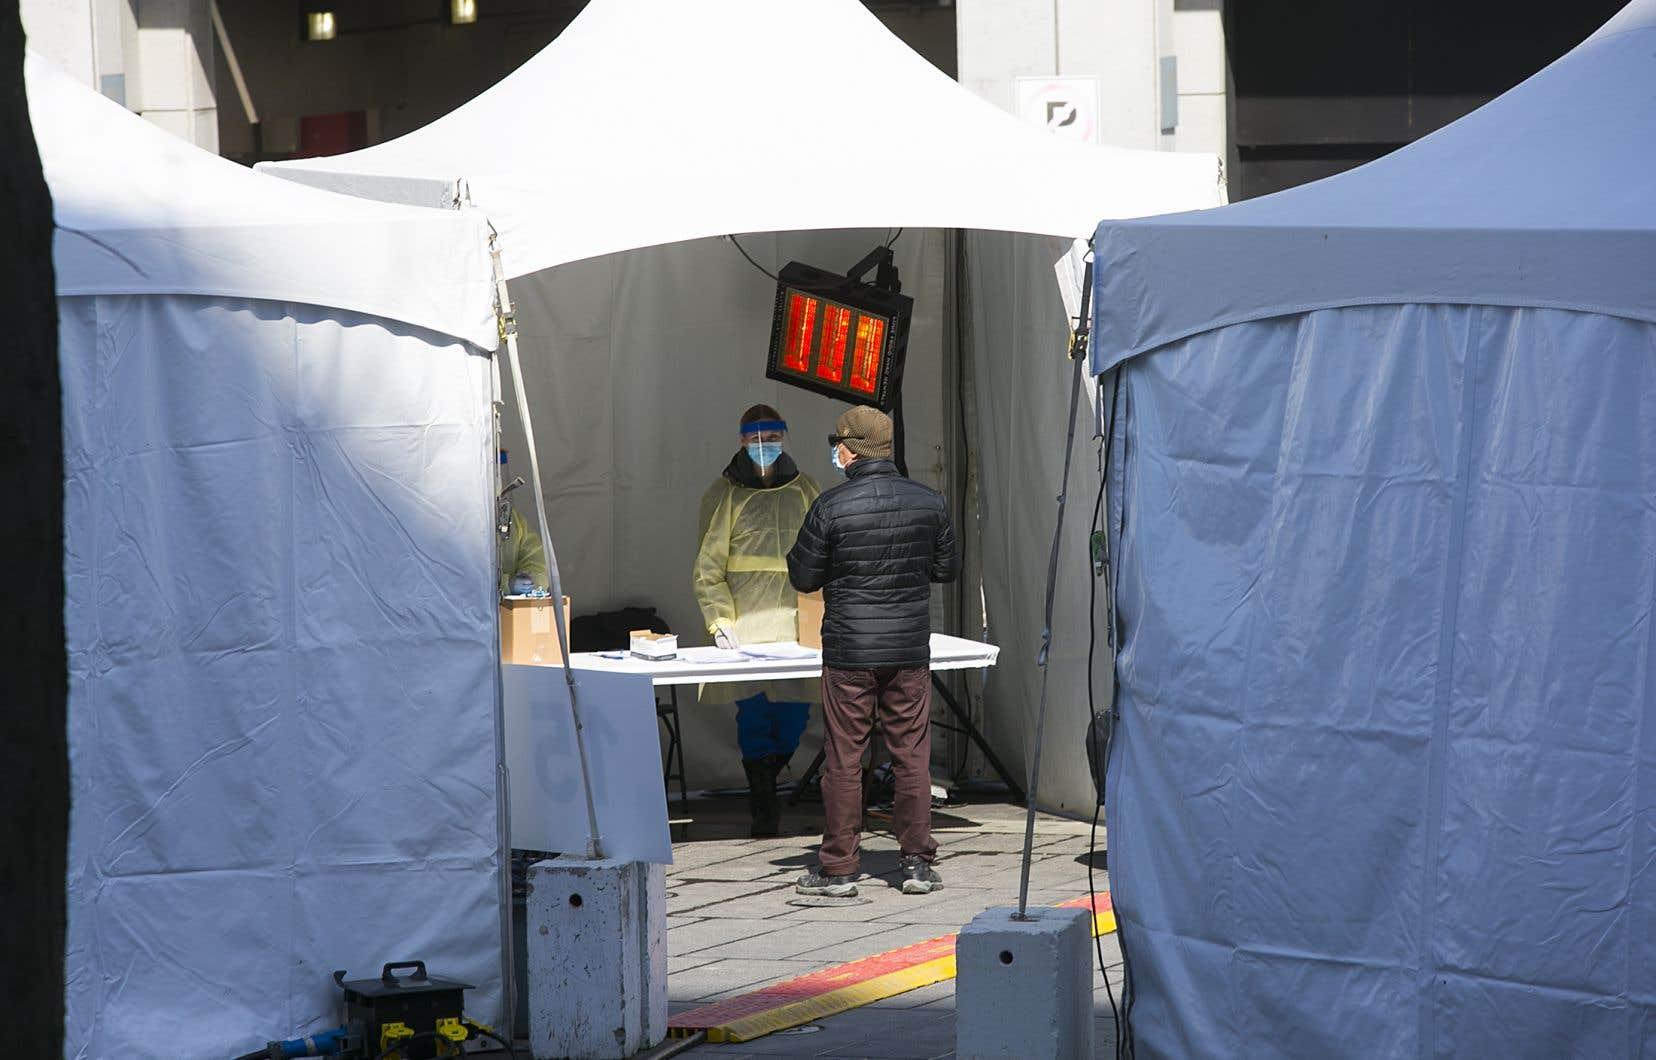 Le centre de depistage pour la Covid-19 a la Place des festivals.